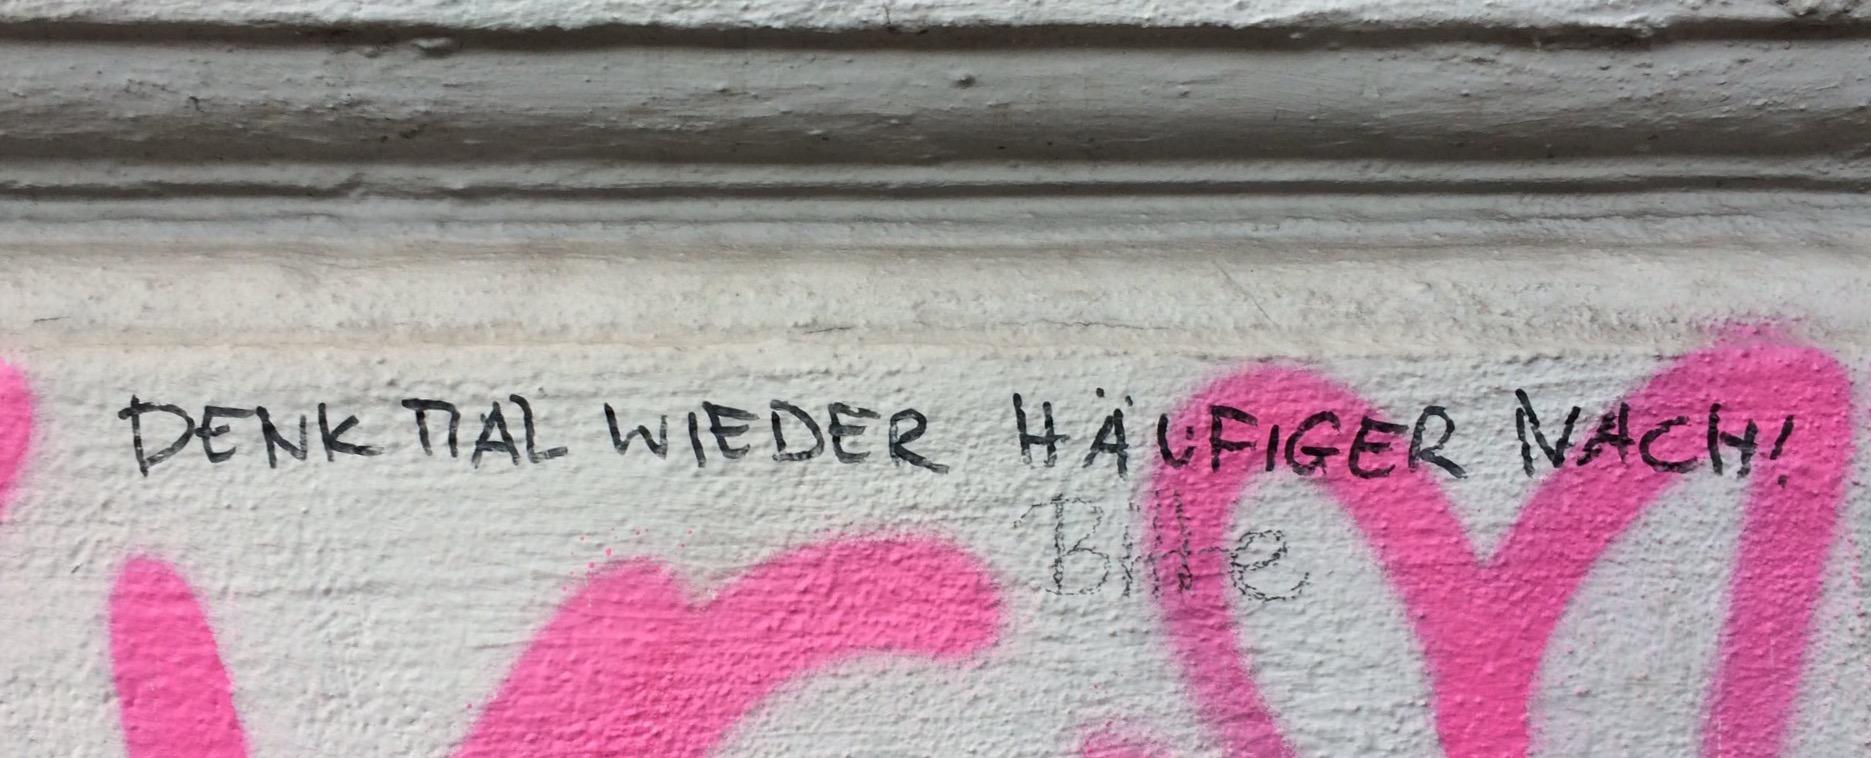 Rainer Wendt – weniger ist mehr